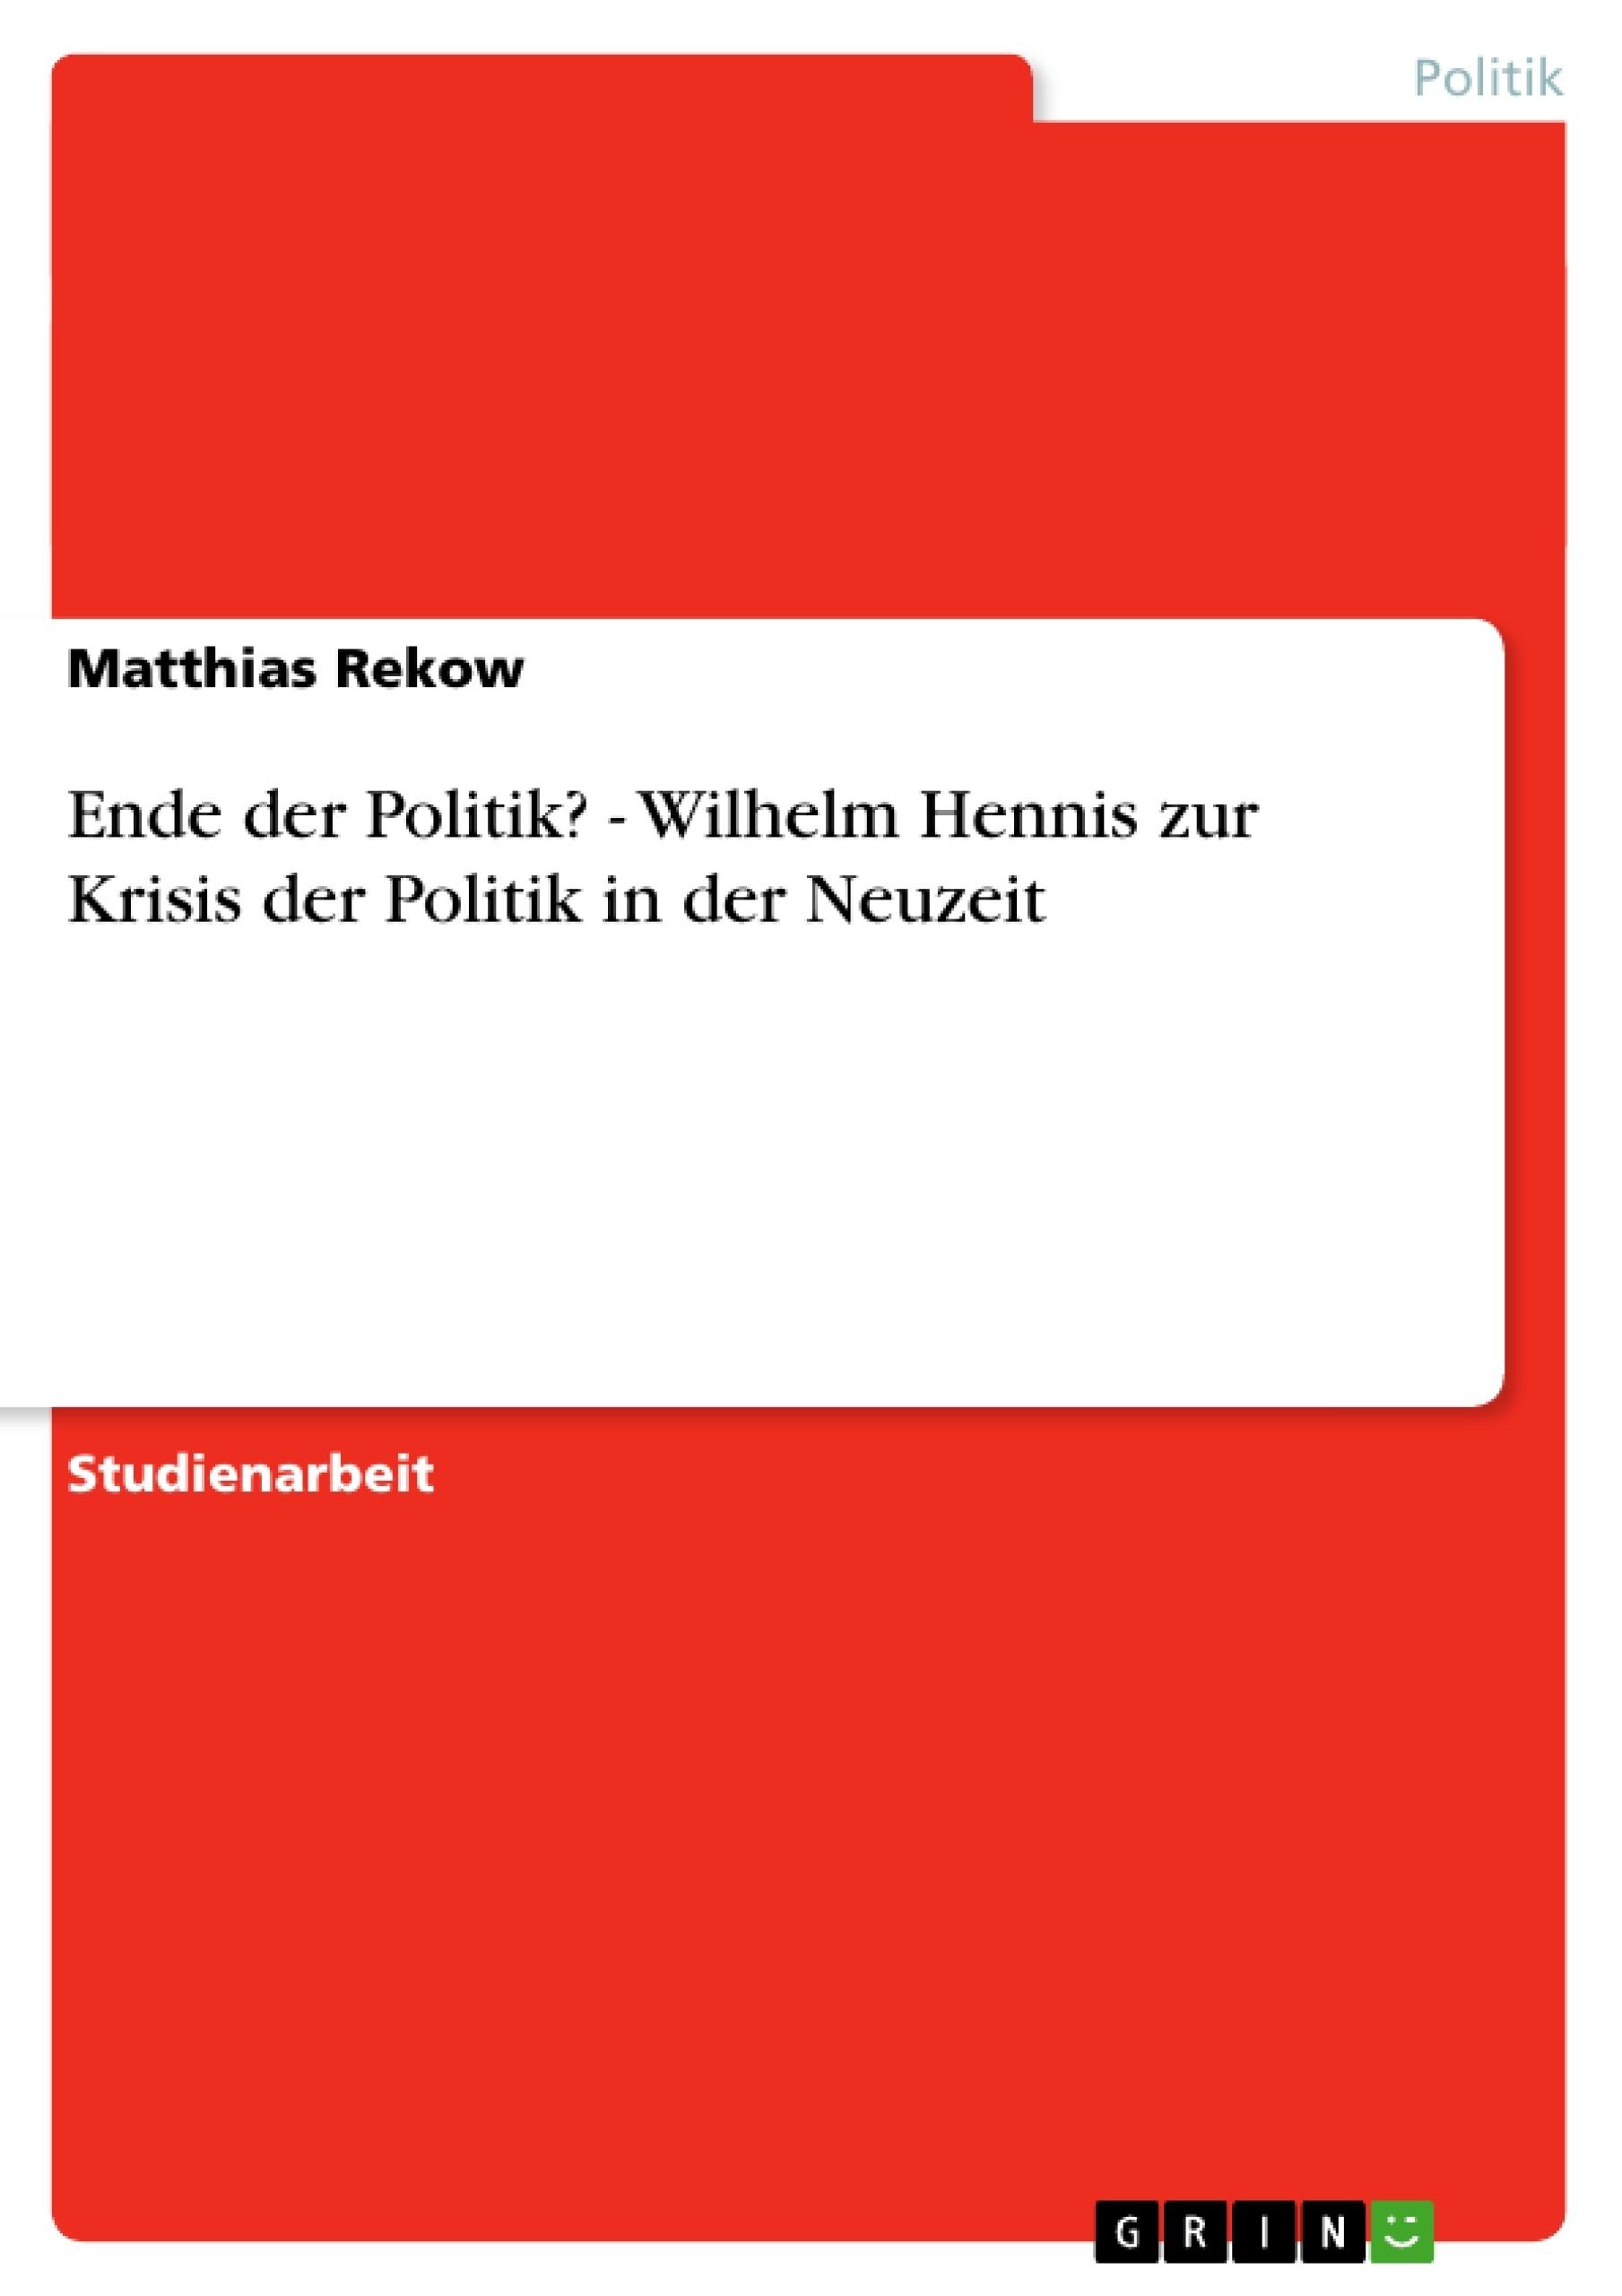 Titel: Ende der Politik? - Wilhelm Hennis zur Krisis der Politik in der Neuzeit